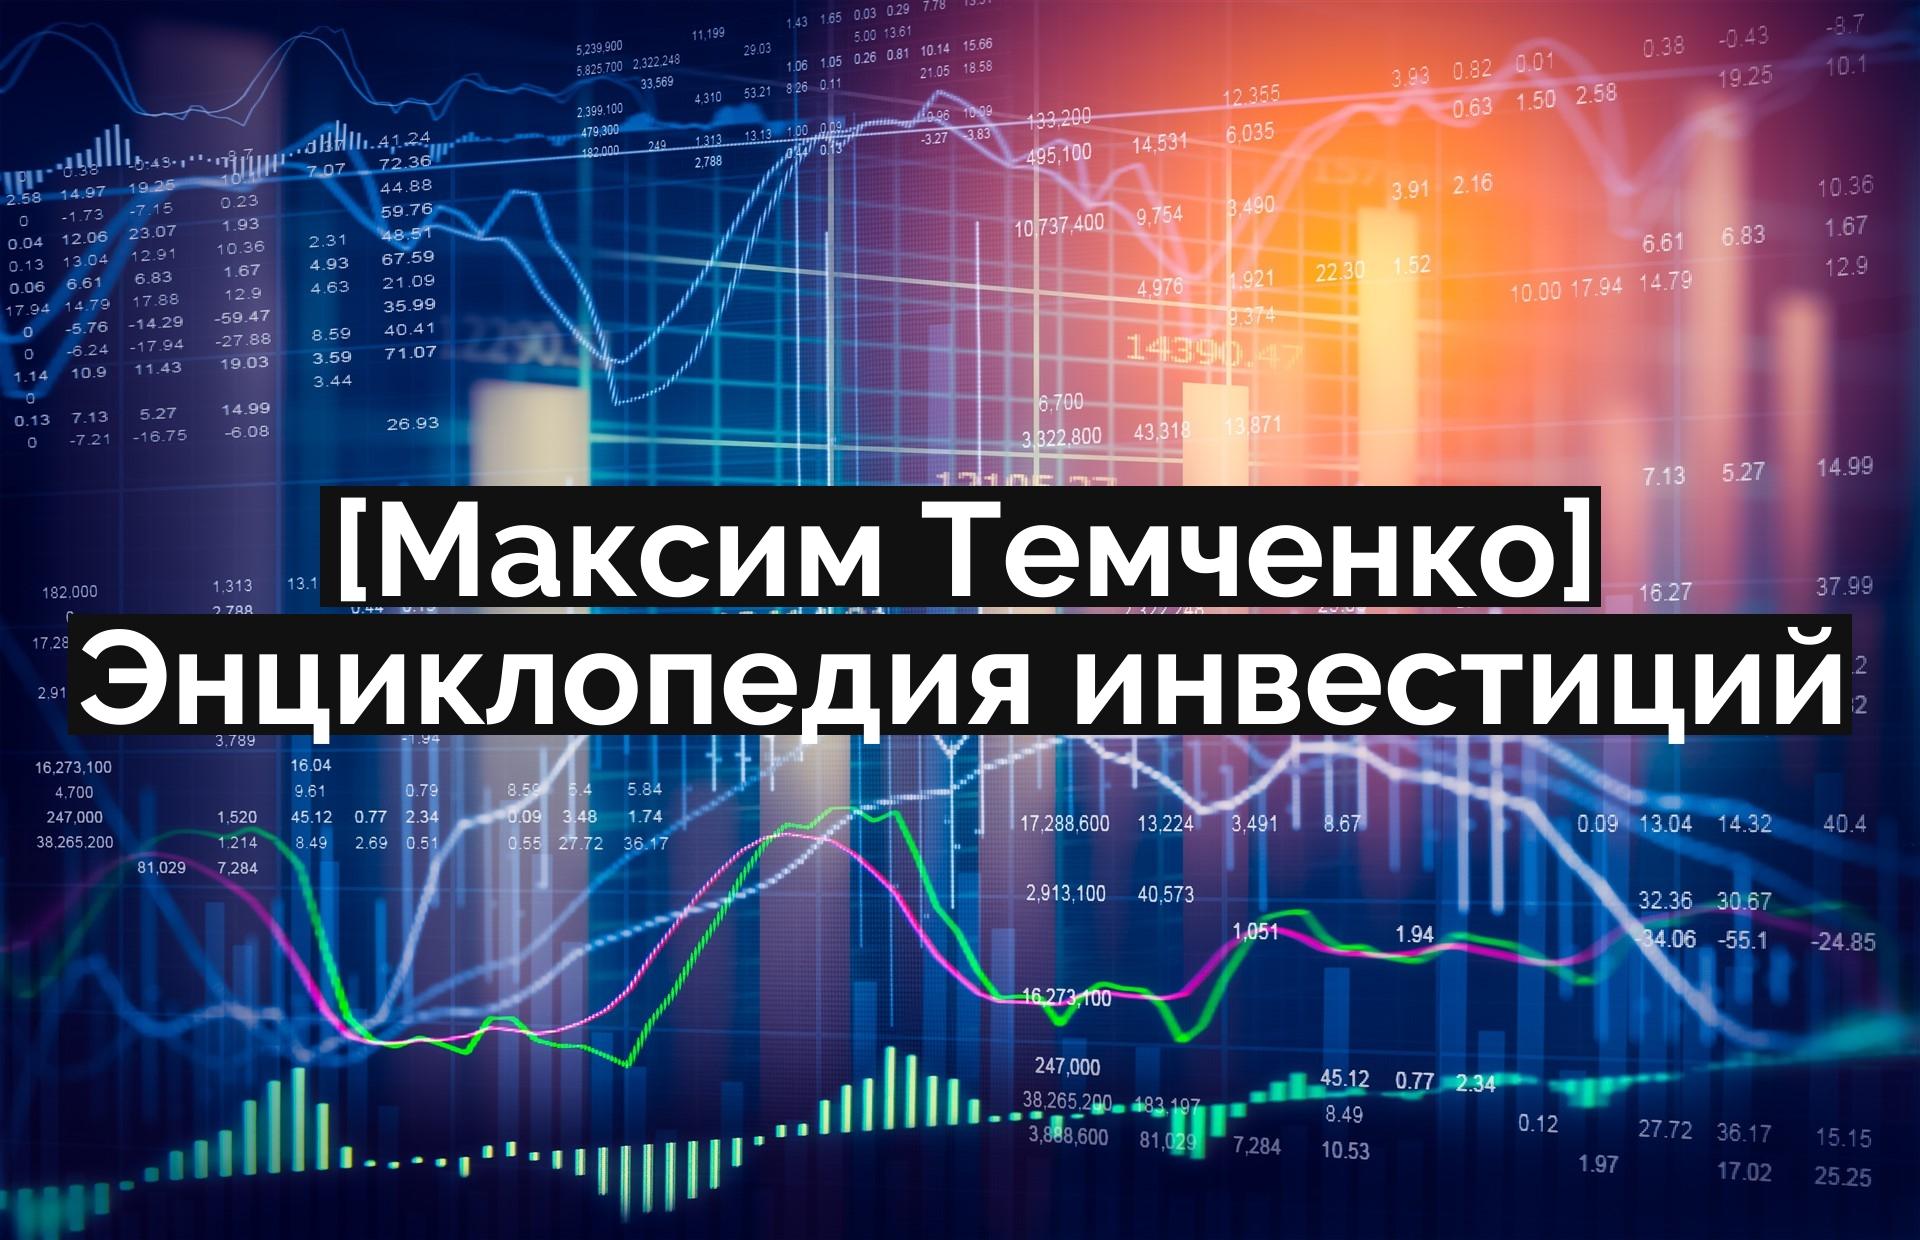 [Максим Темченко] Энциклопедия инвестиций